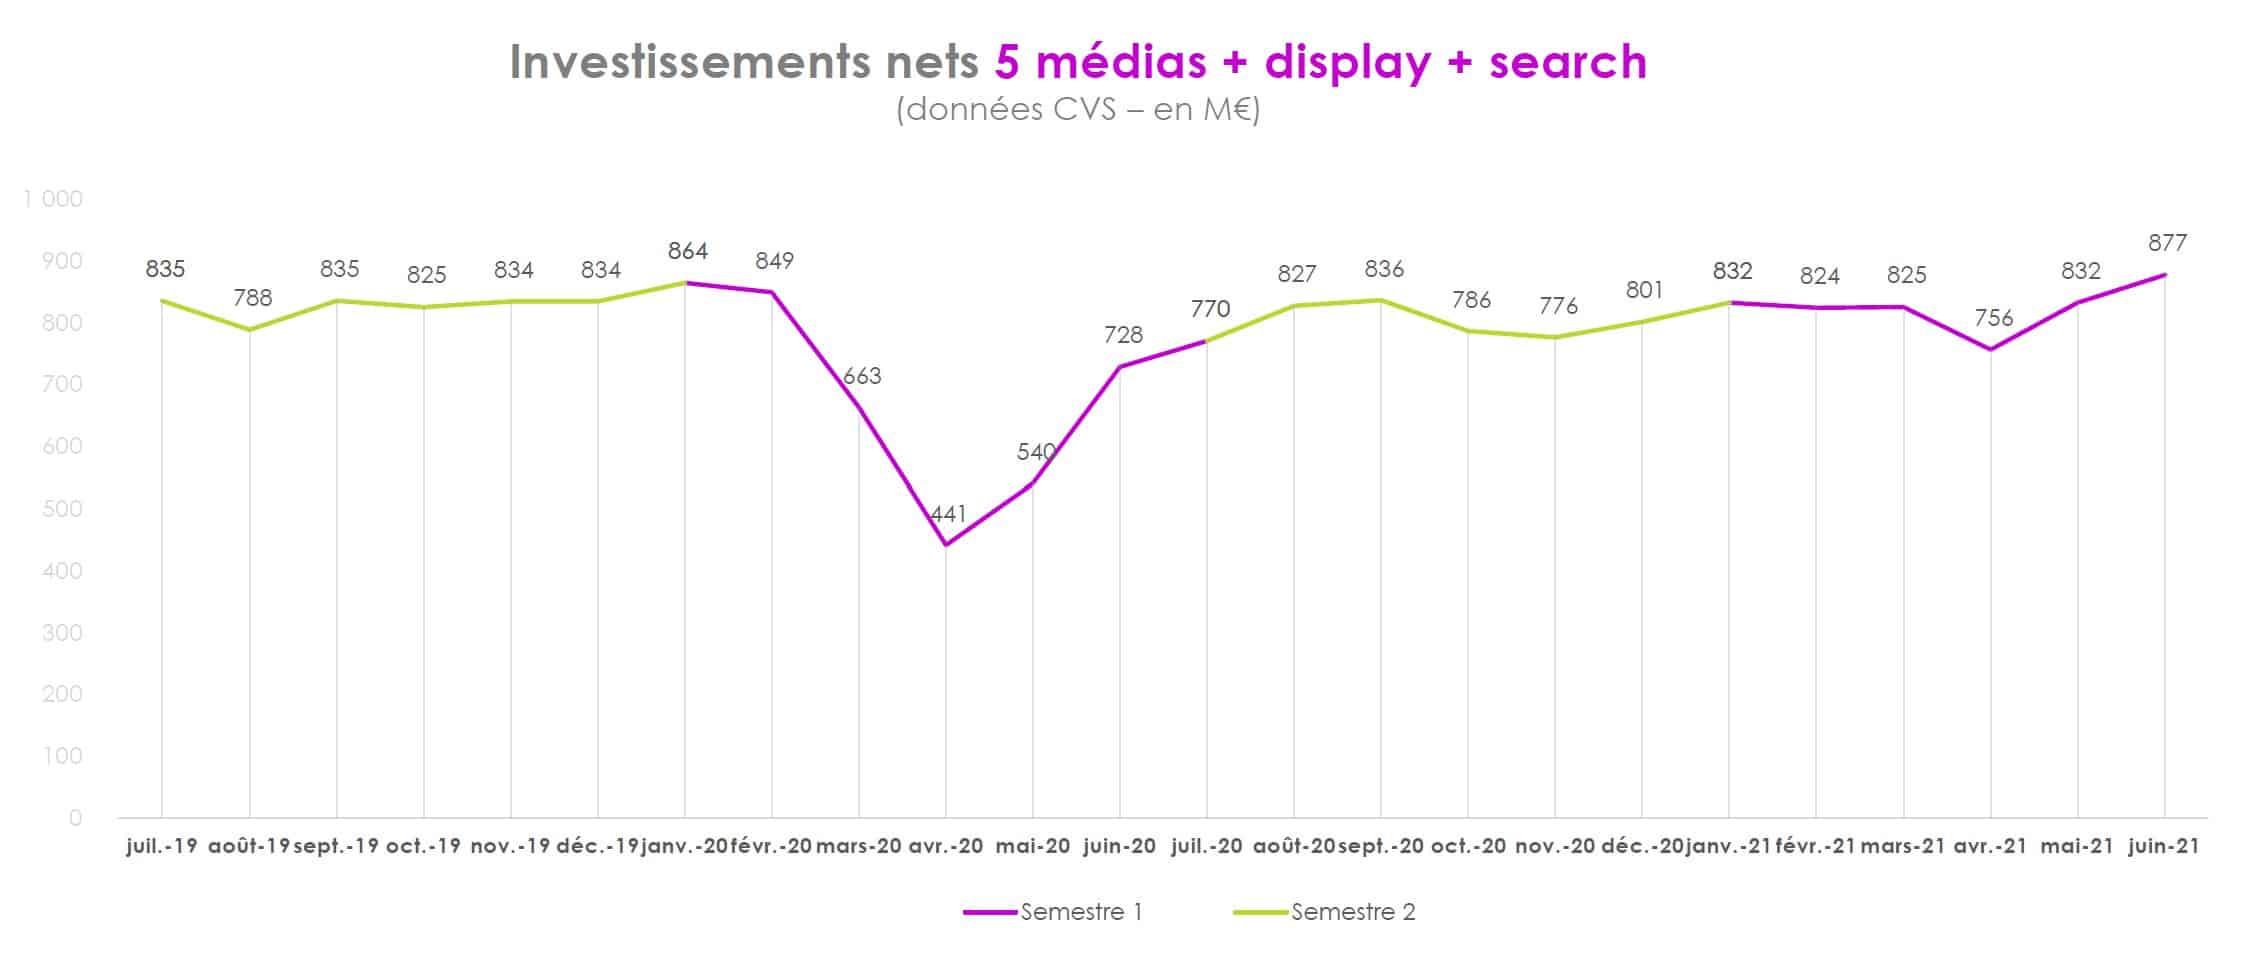 Graphique BUMP 2021 représentant les investissements publicitaires nets des 5 médias + le digital